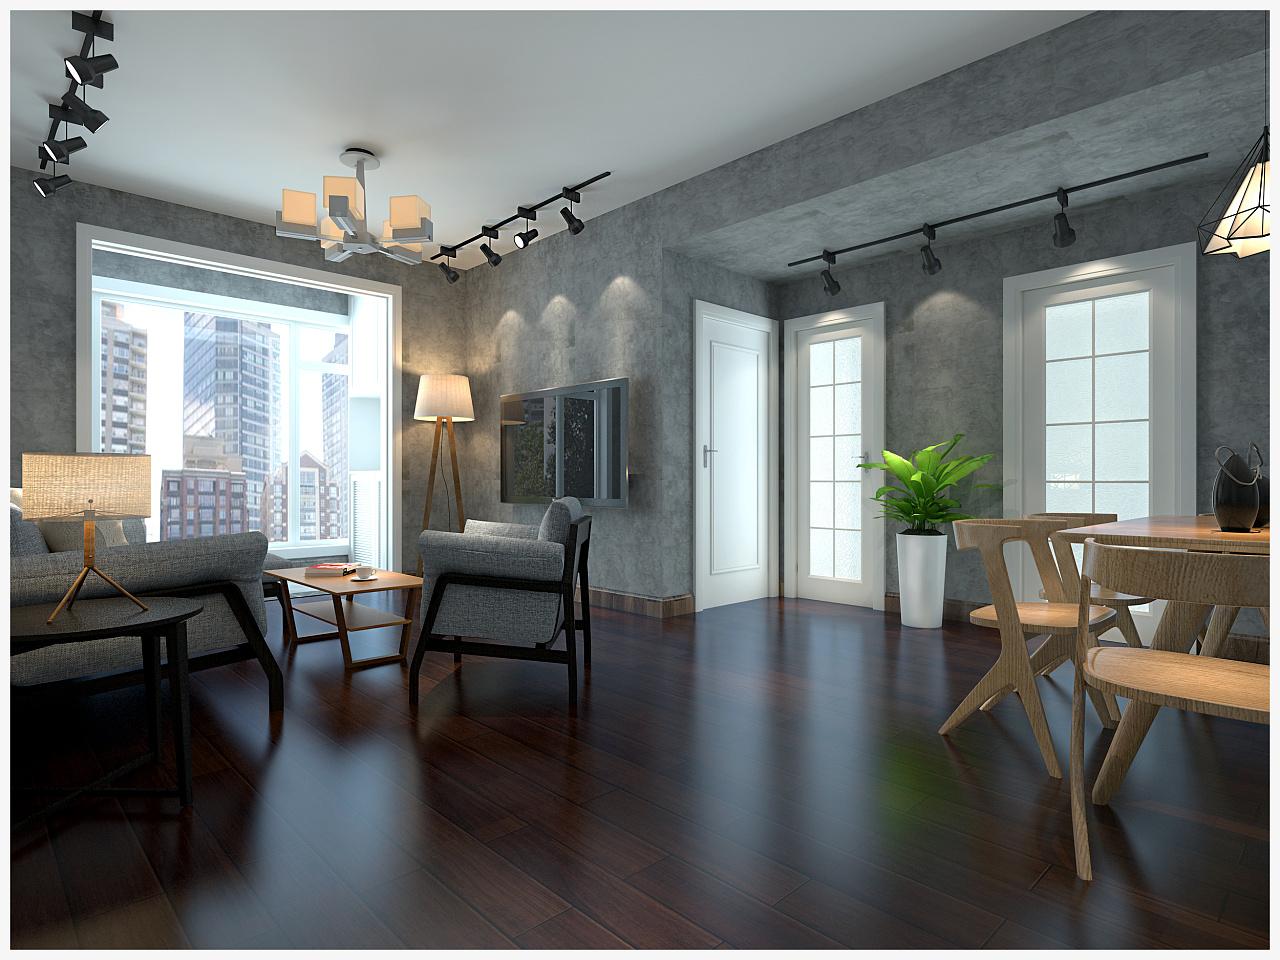 武汉丹水空间|博乐|室内设计|最好90-原创作品绵阳国际的室内设计师图片